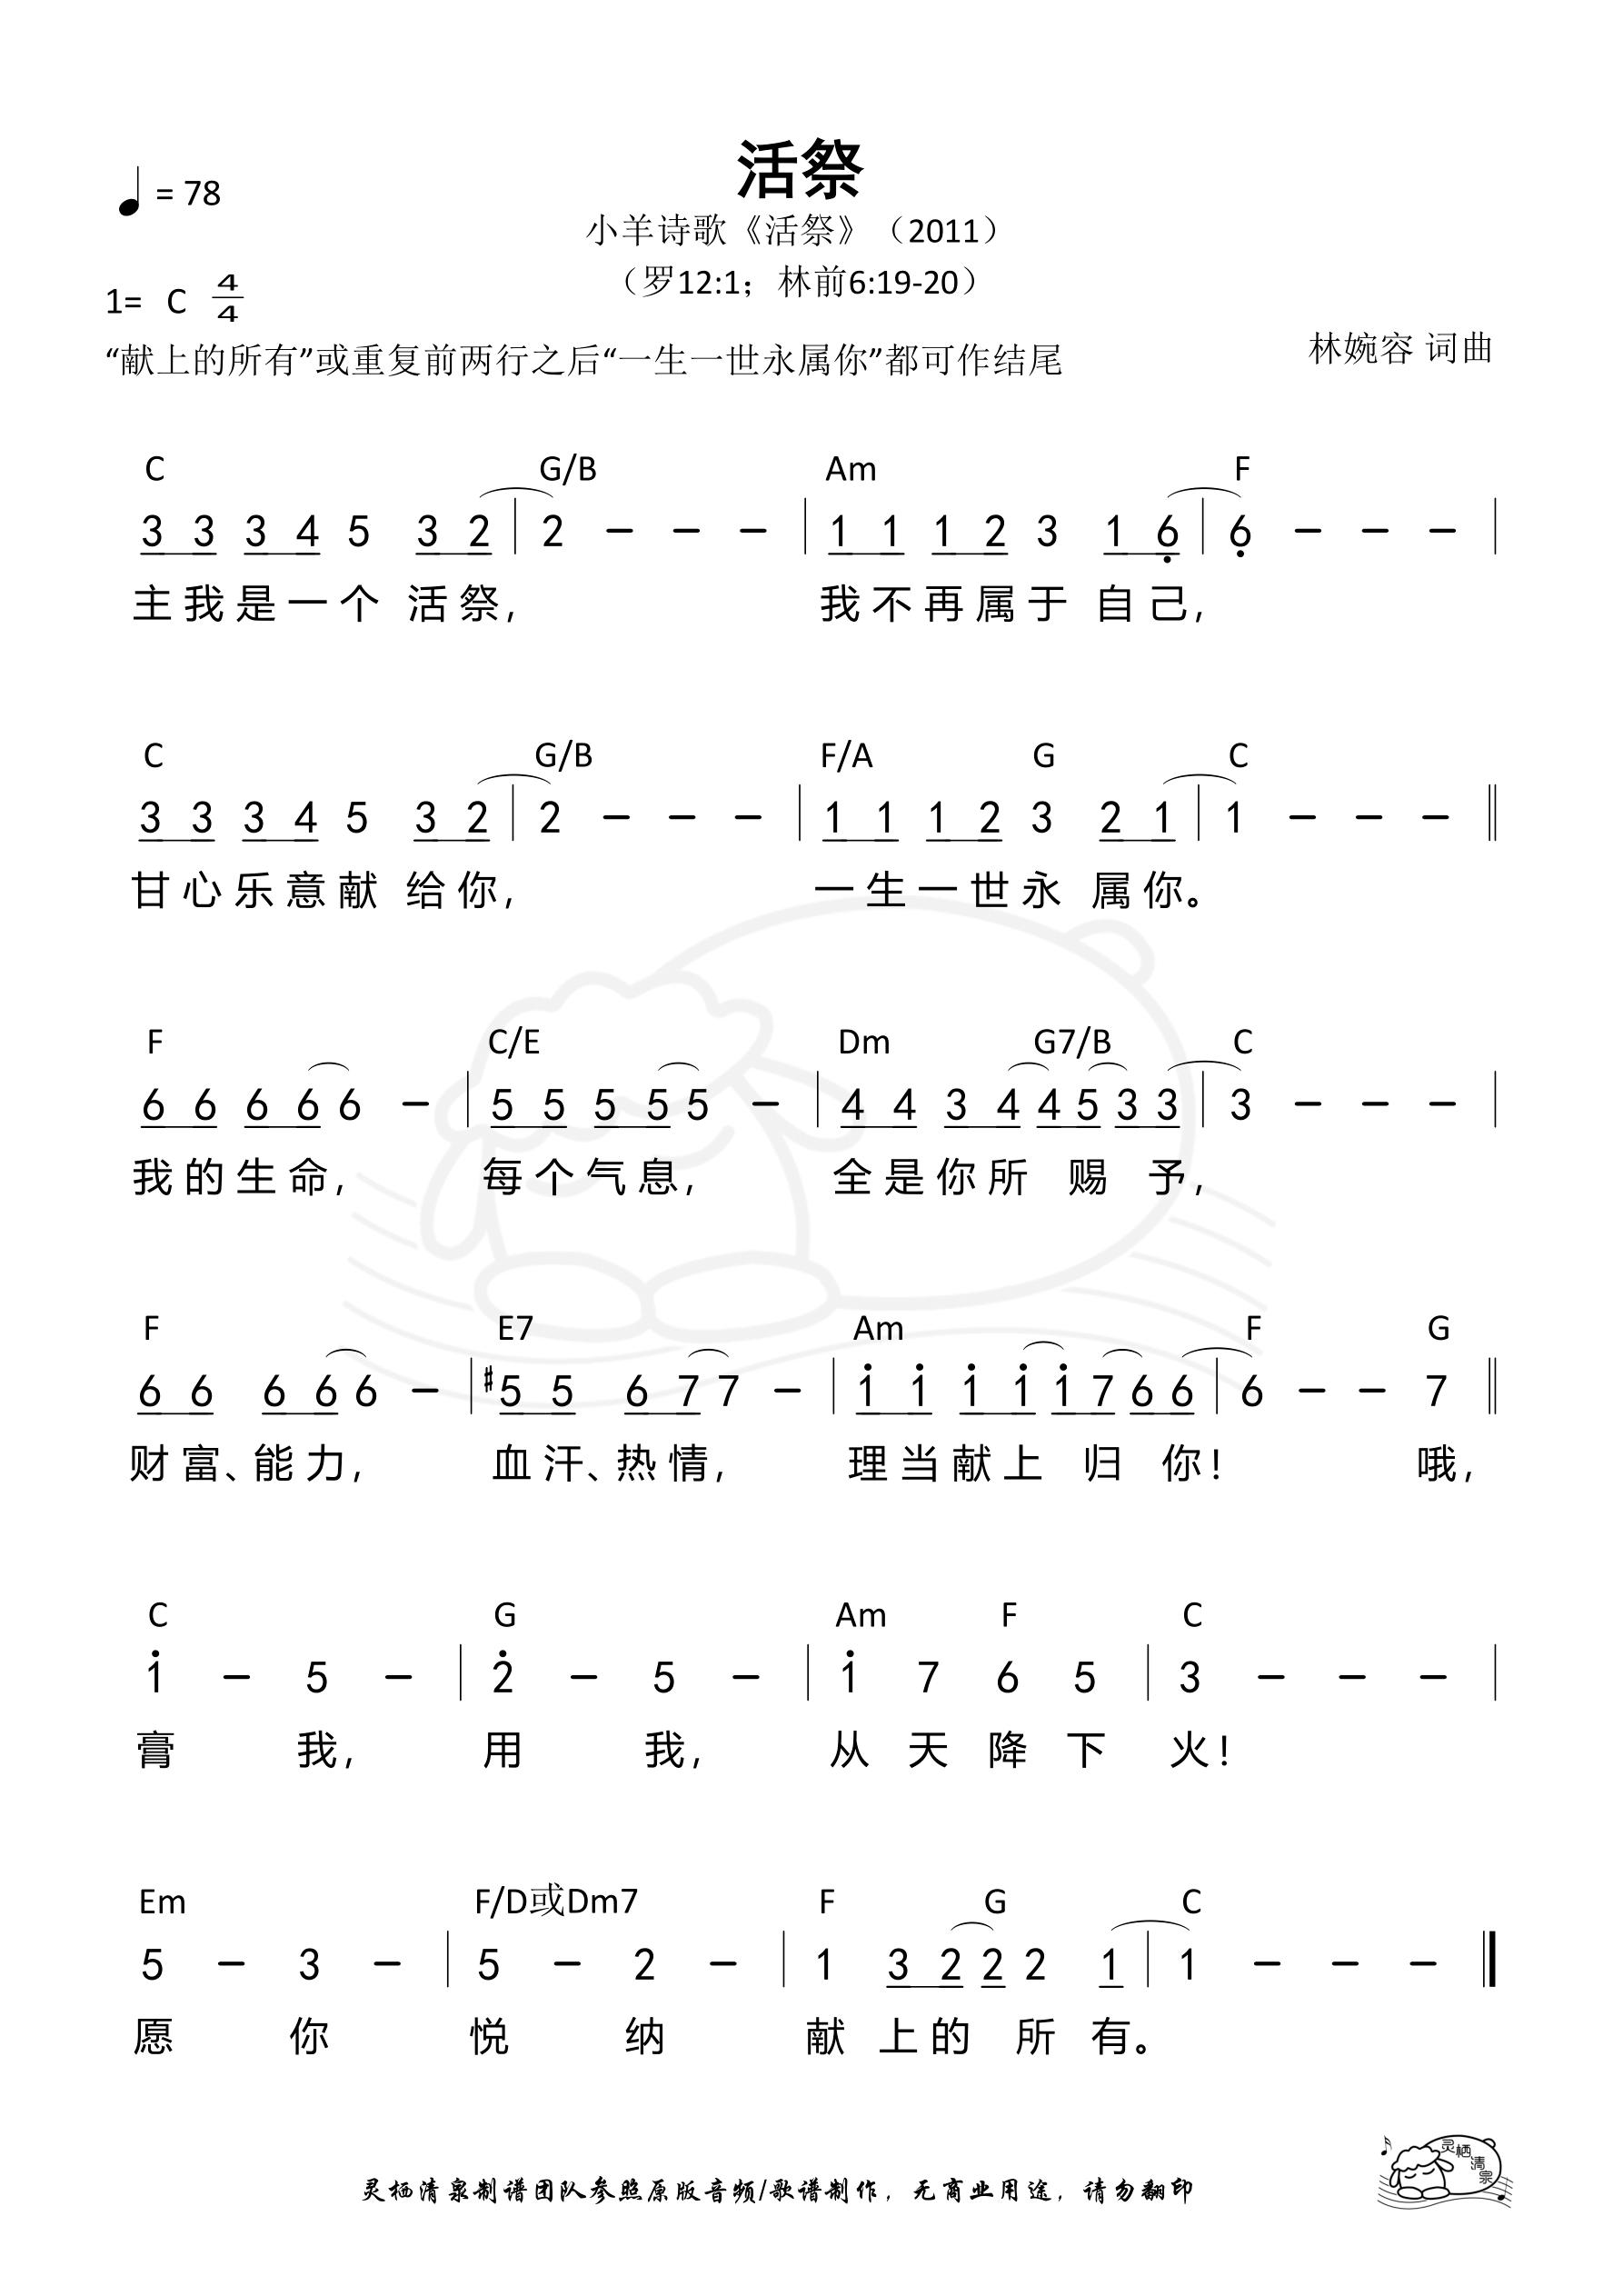 《第55首 - 活祭 和弦简谱》